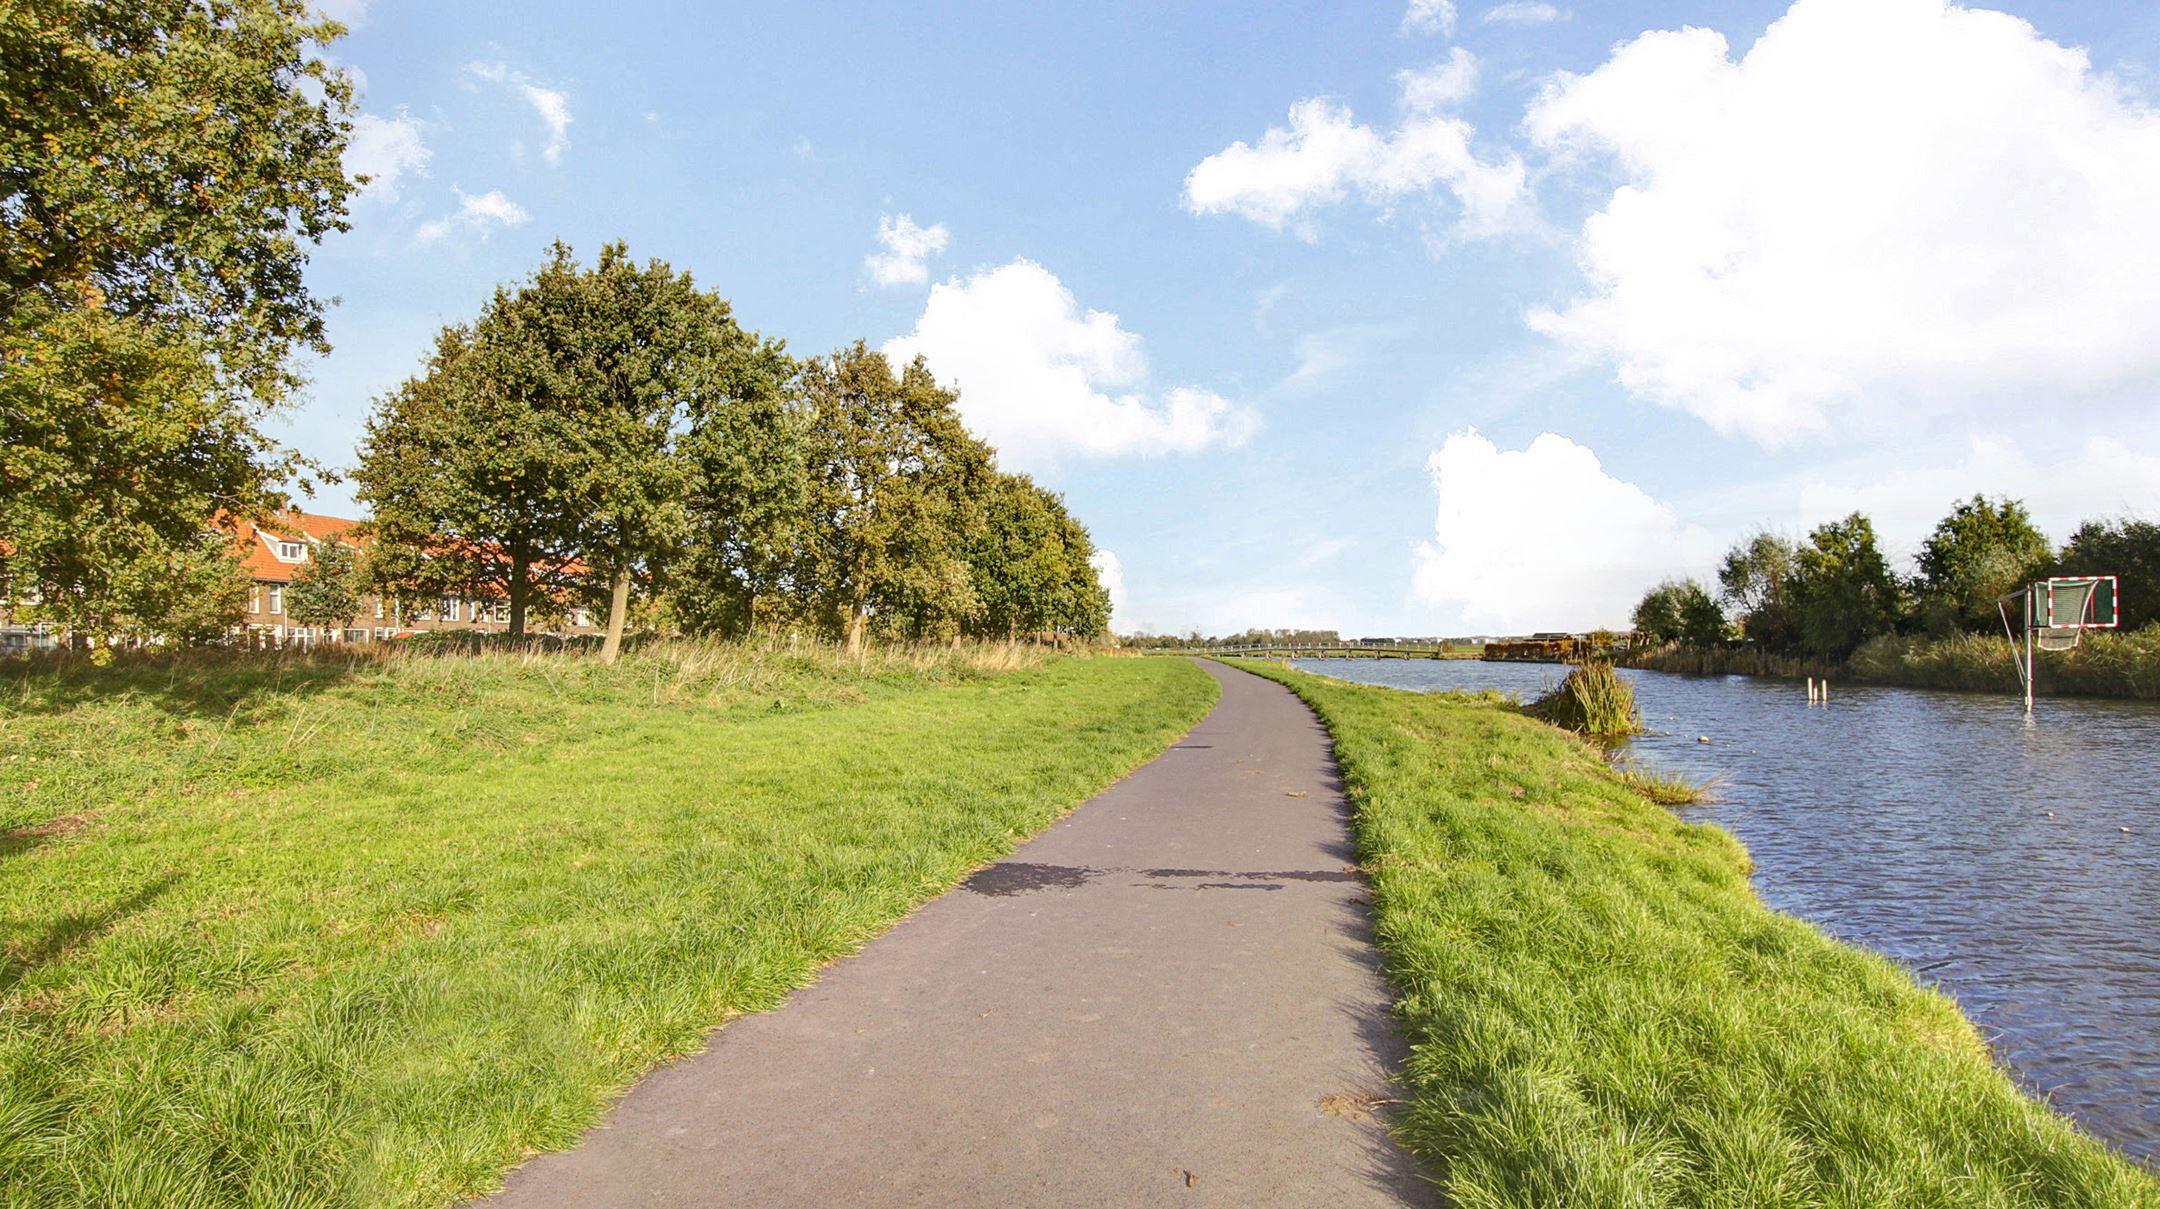 dietsveld-vogelwijk-haarlem-noord-wandelen-dietsveld